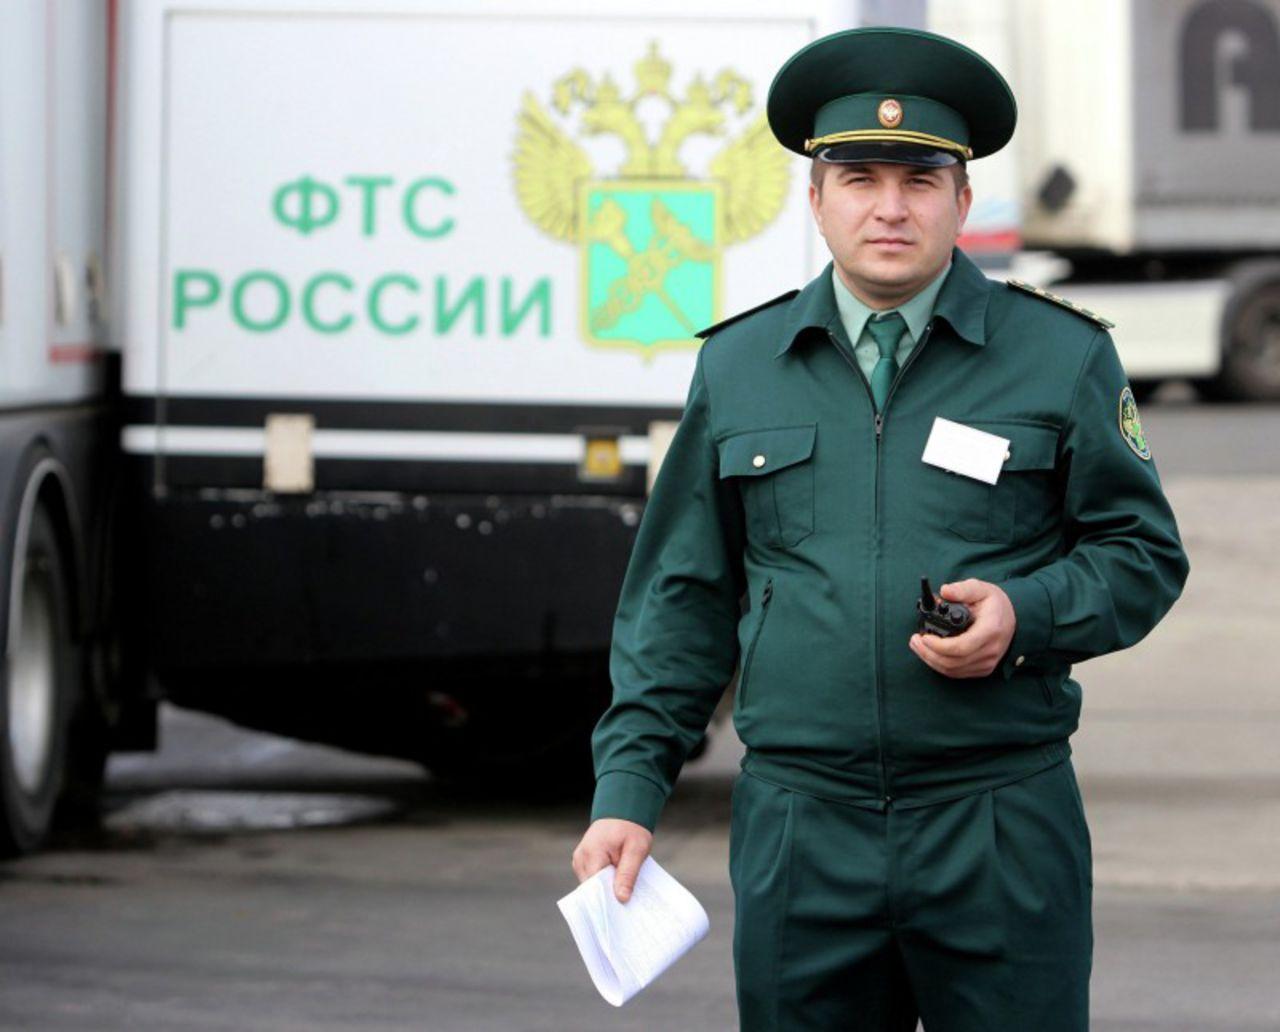 ФСТЭК лицензия России для экспорта